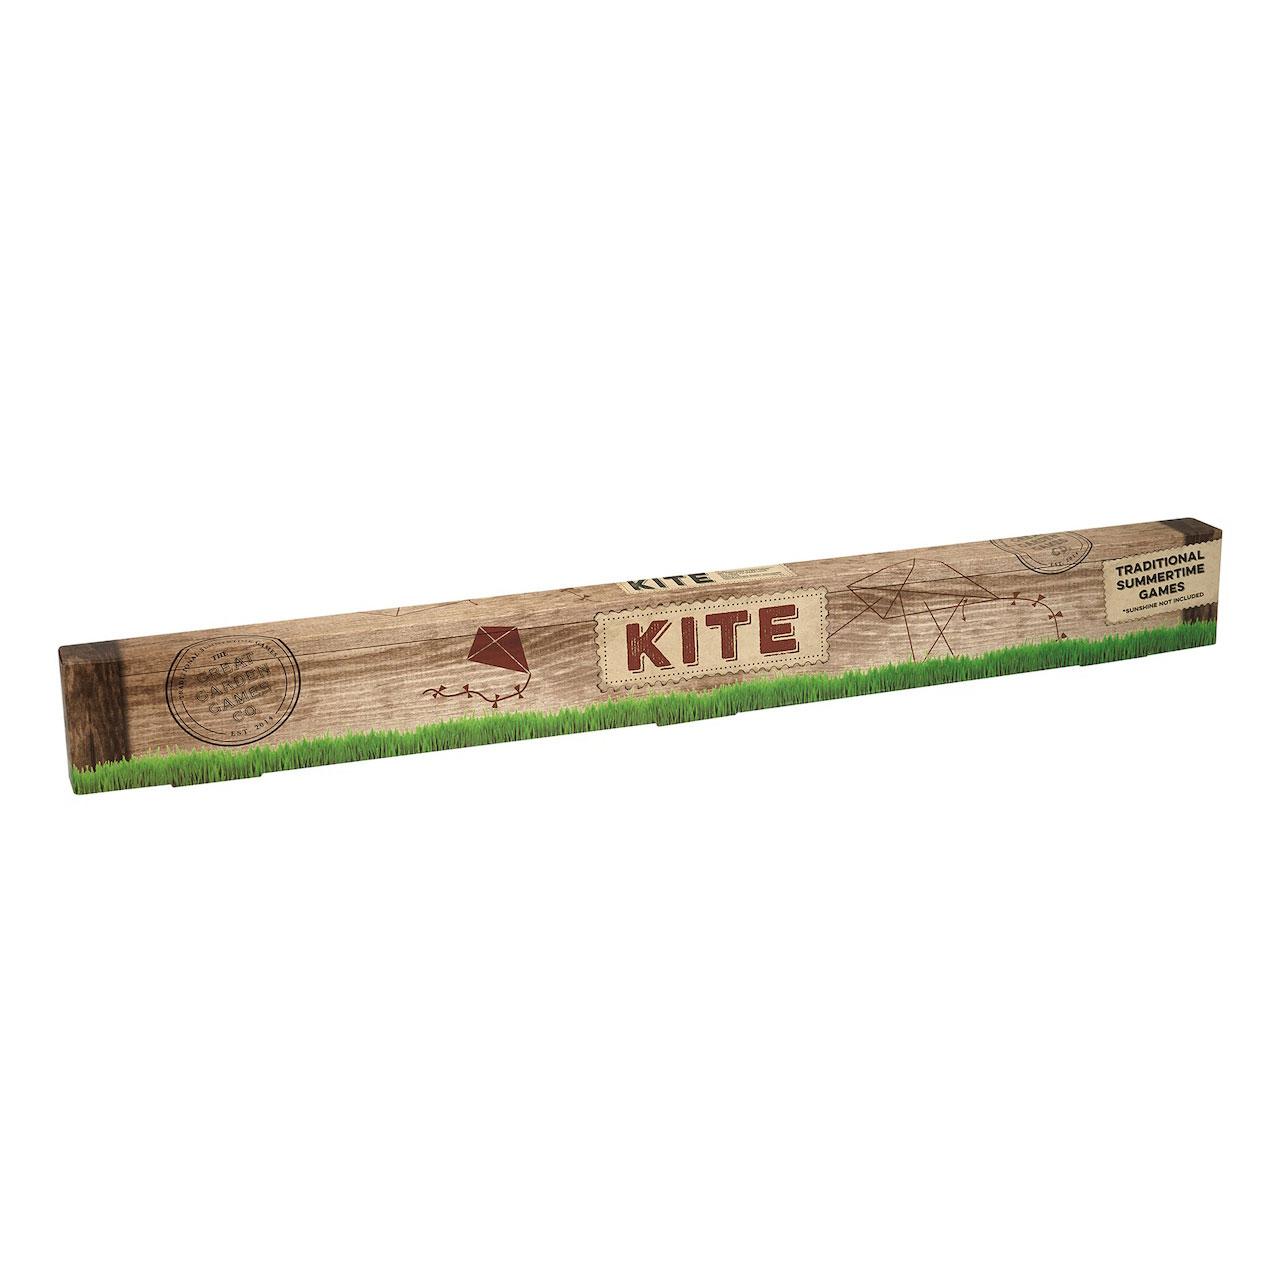 GardenGames_Kite_box